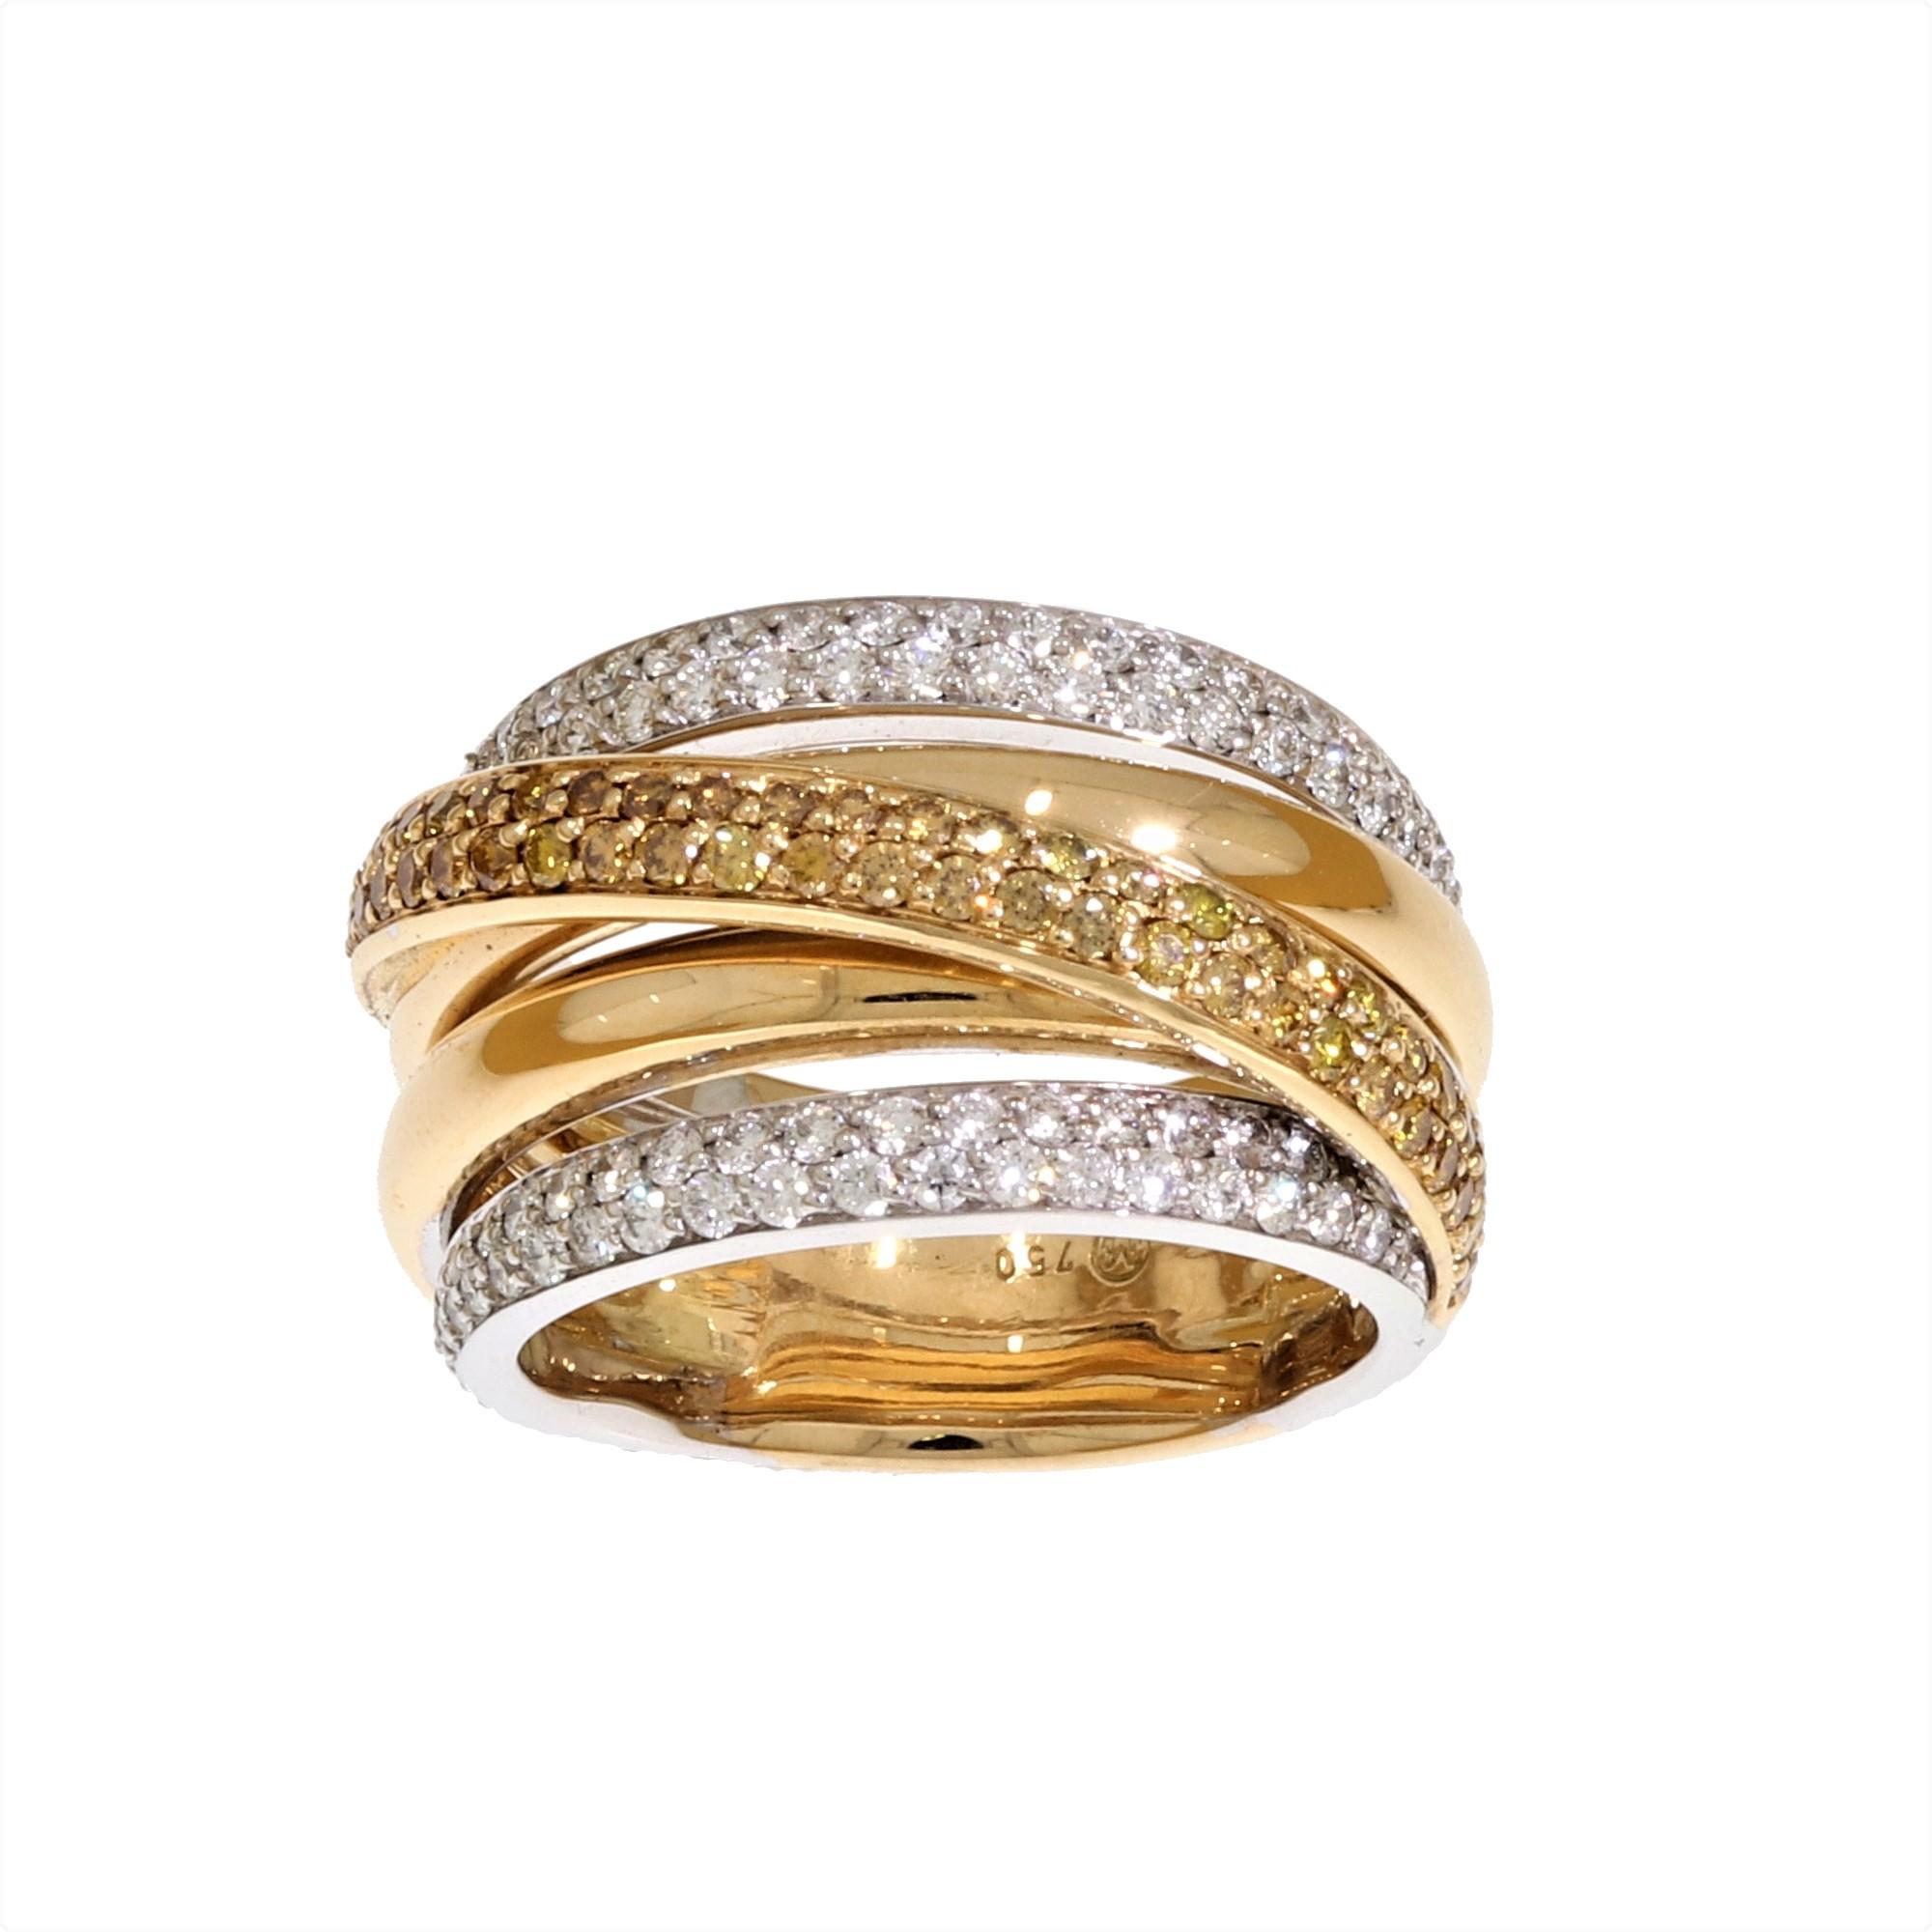 Brillantring-18k-weißgold-rosegold